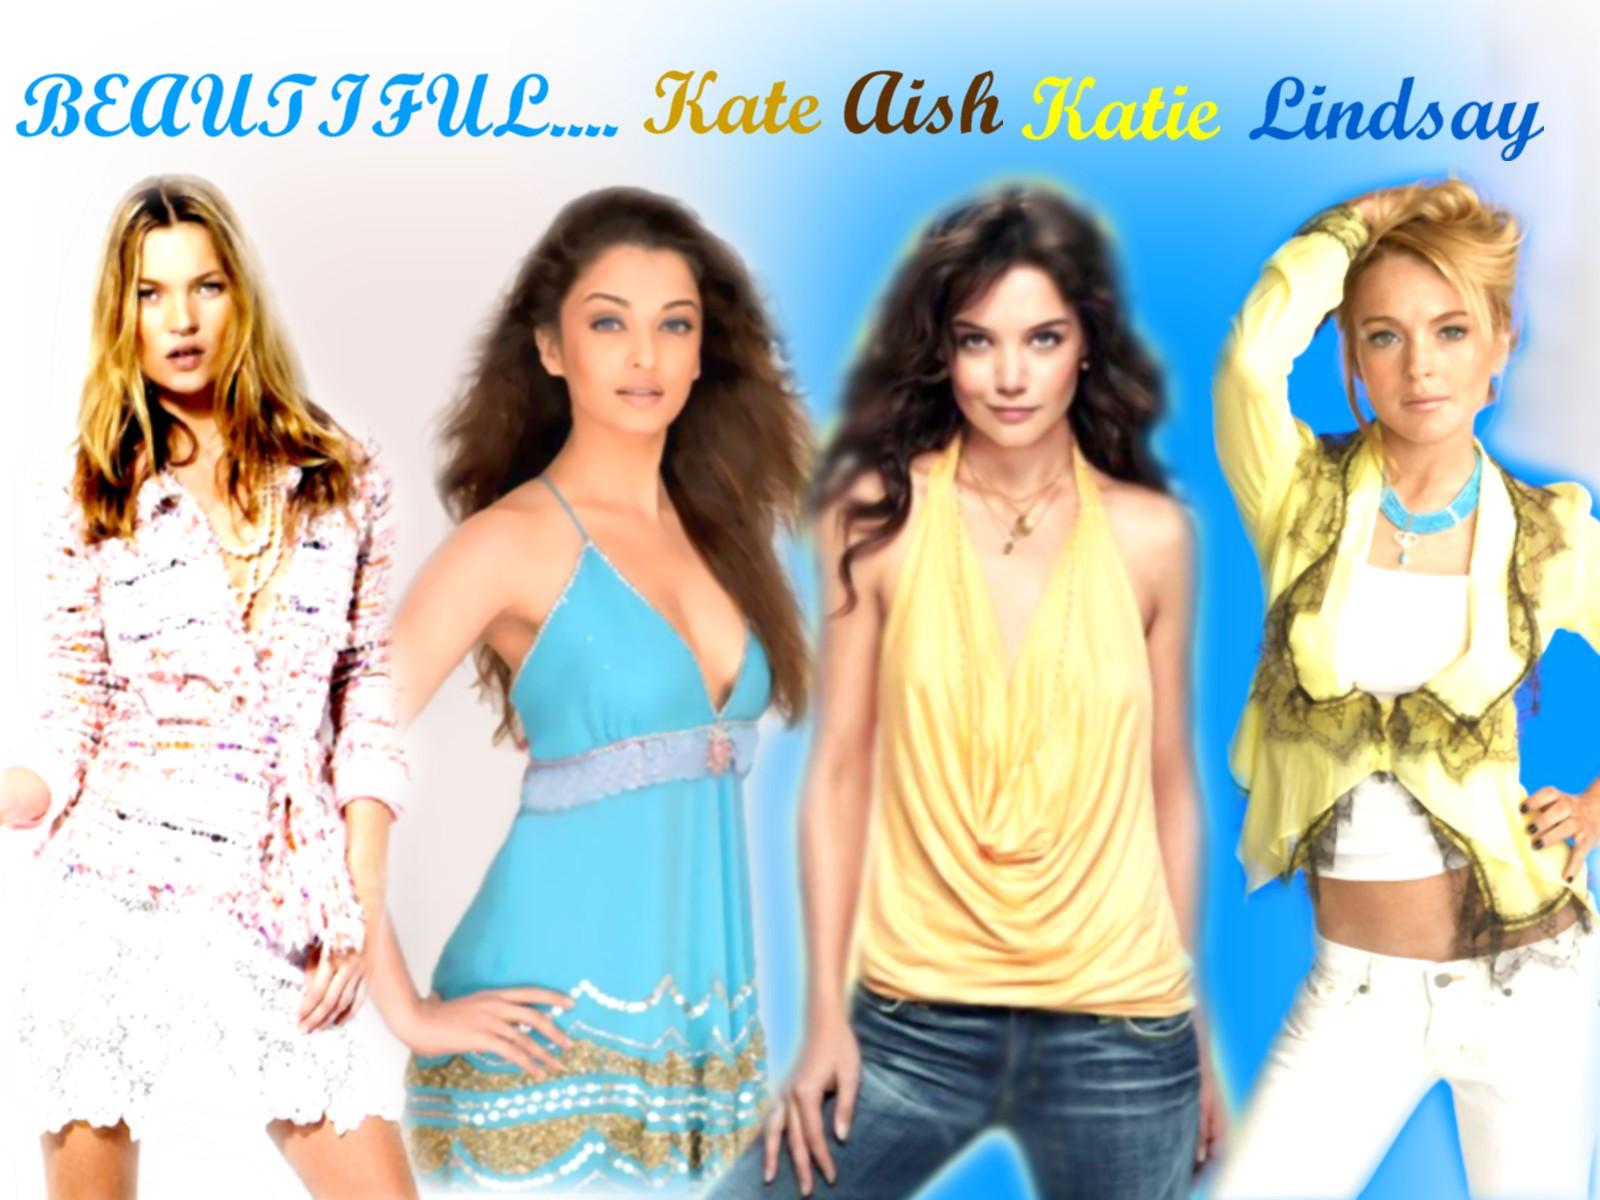 http://4.bp.blogspot.com/_zHx02JB4GE0/TQ0UoEPeDdI/AAAAAAAAARY/fb4zxsraITI/s1600/Aishwarya+Rai+Katie+Holmes+Lindsay+Lohan+Kate+Moss+Wallpaper.jpg